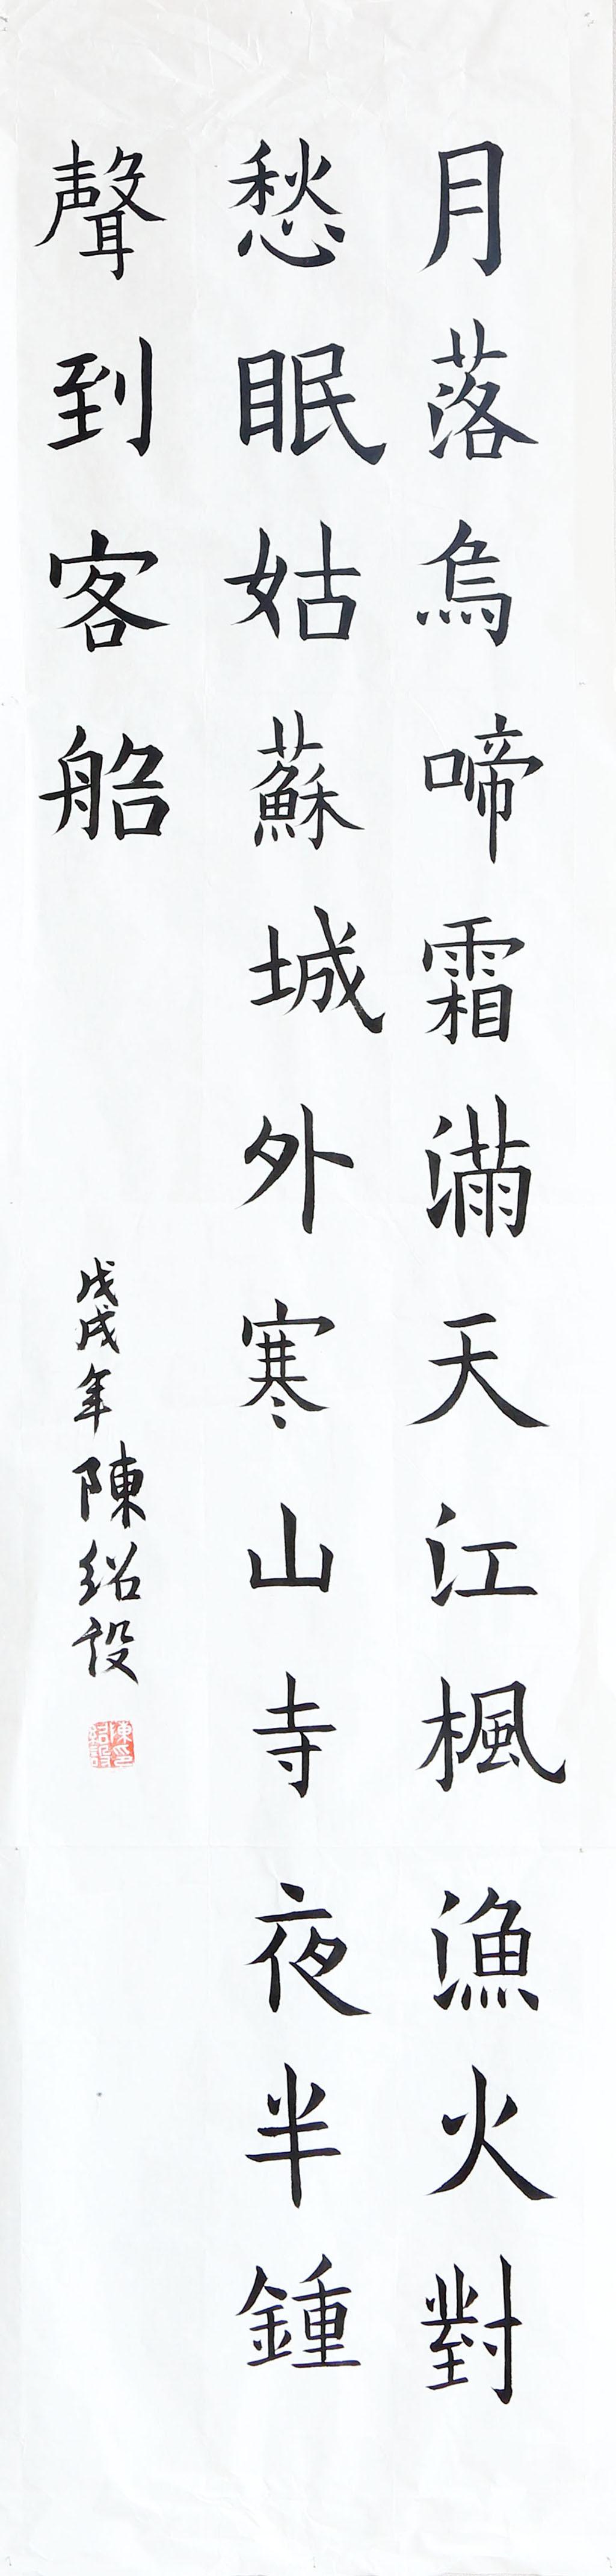 陈绍设 中学组三等奖